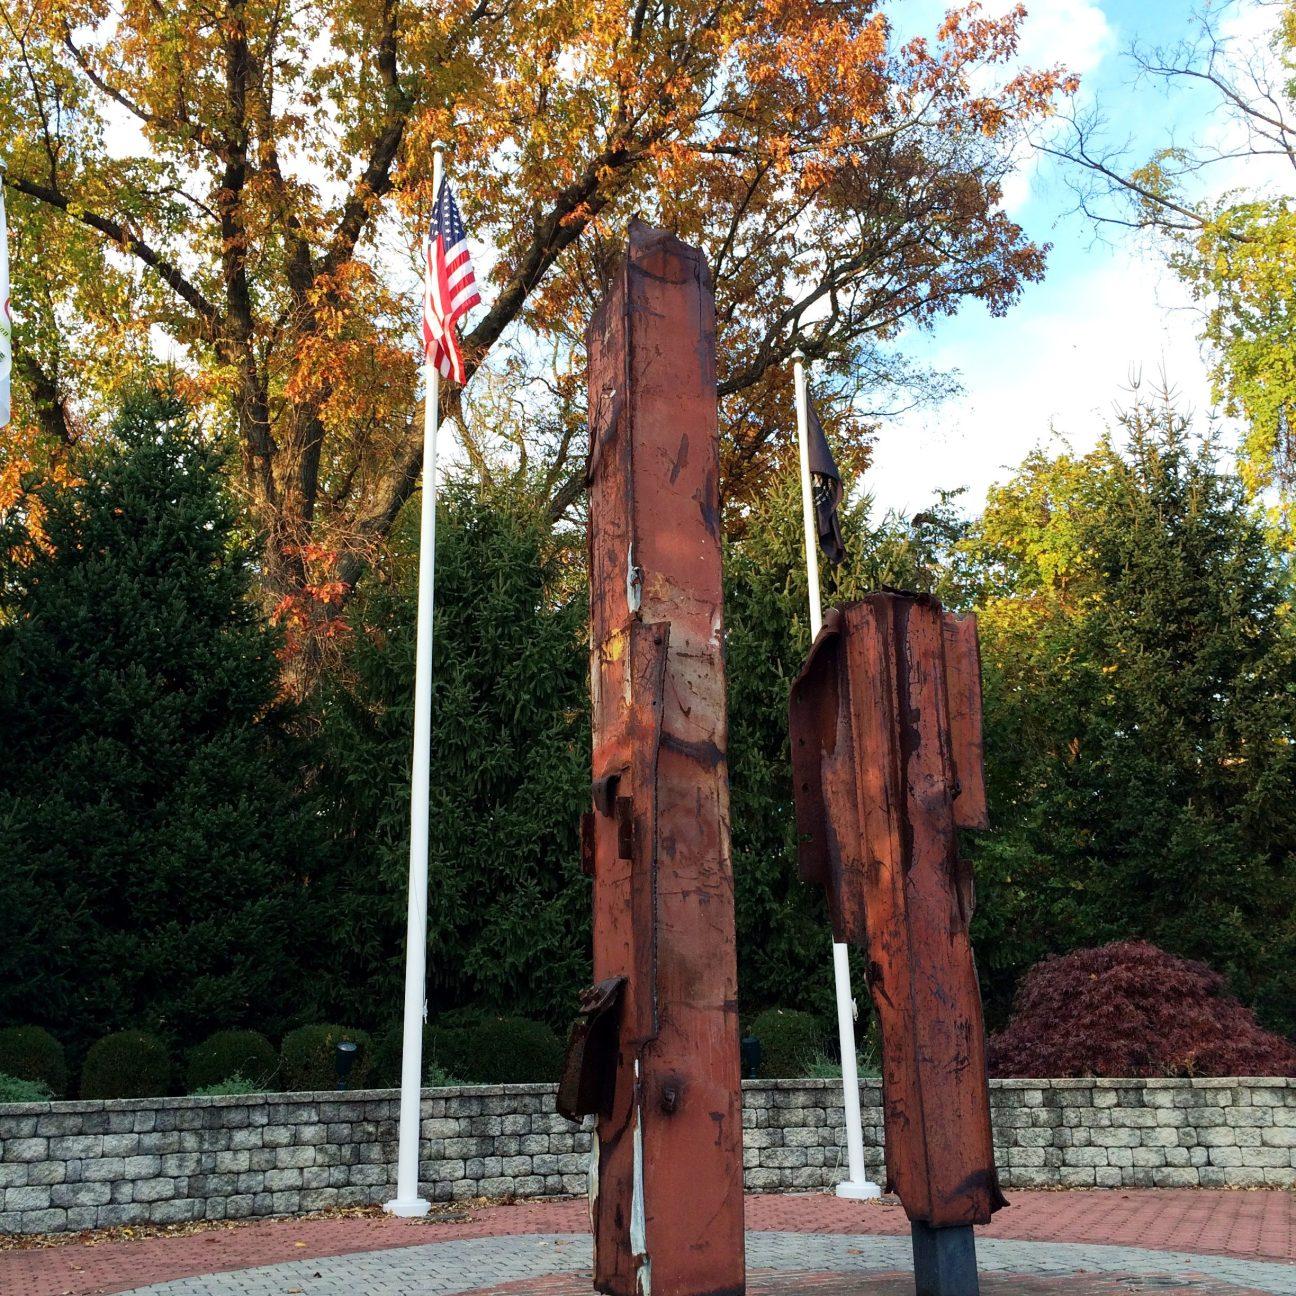 911 Memorial fall side view